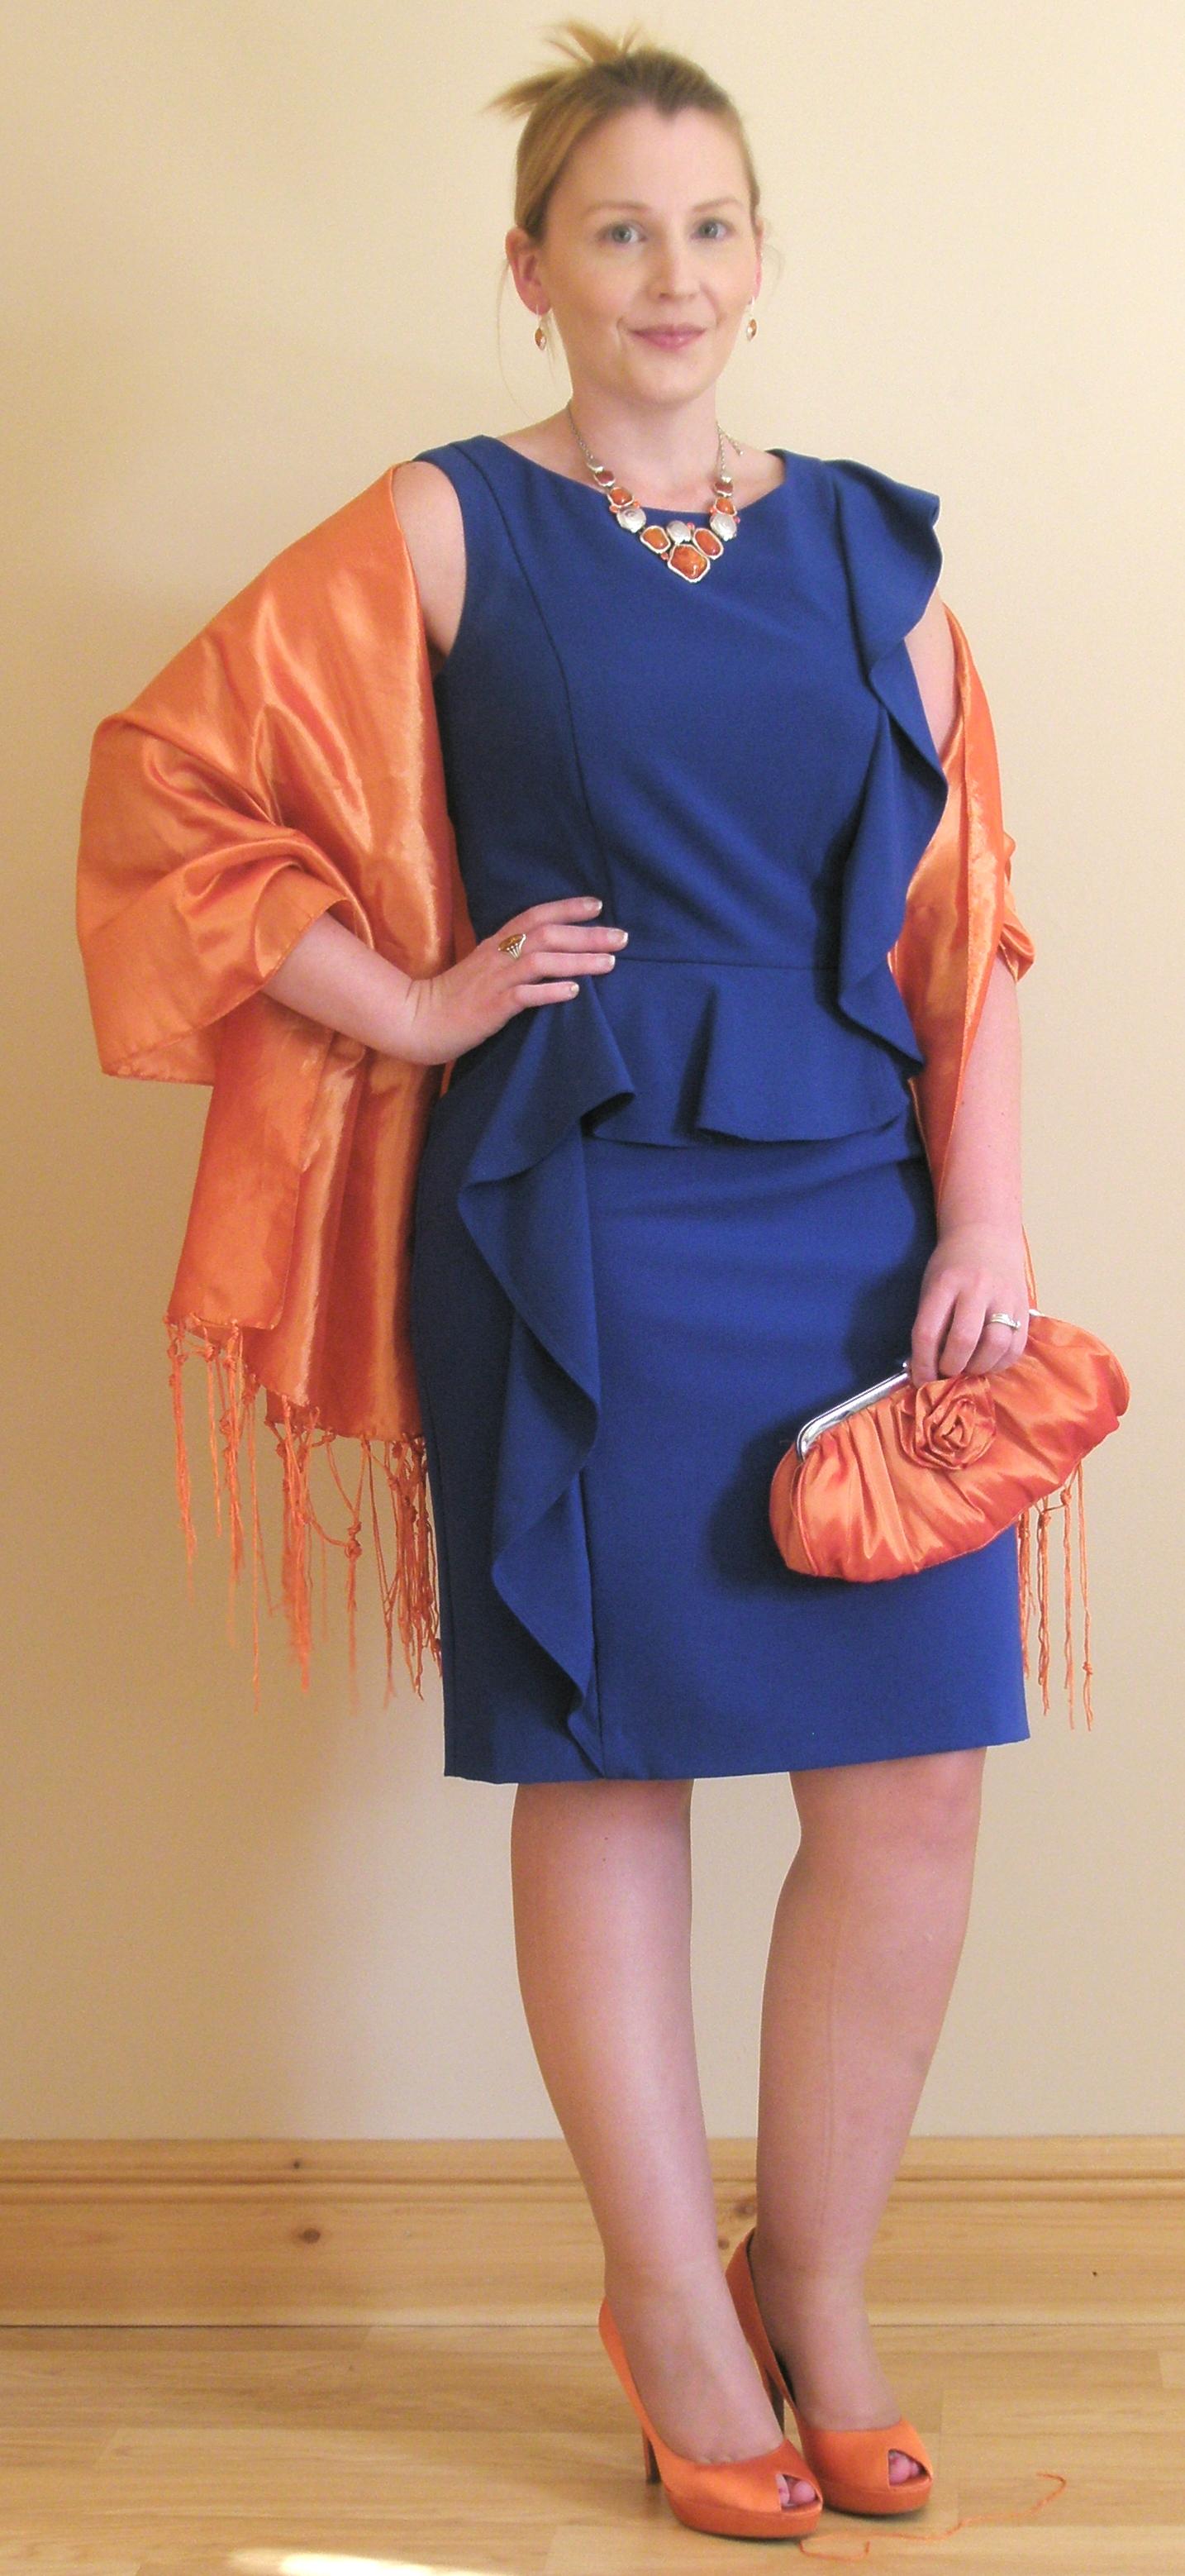 Blue dress orange shoes images | Fashion dresses lab